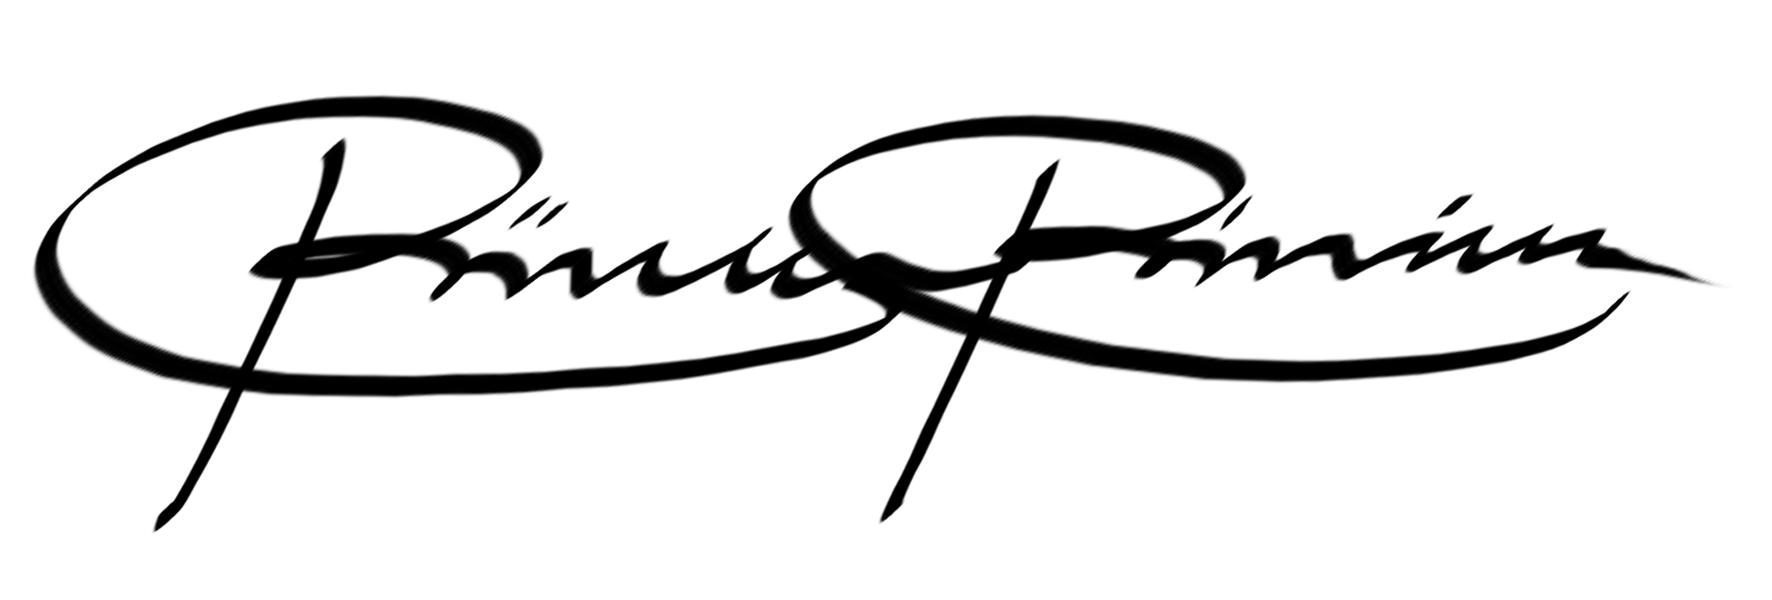 Riikka Sofia Riekkinen Signature